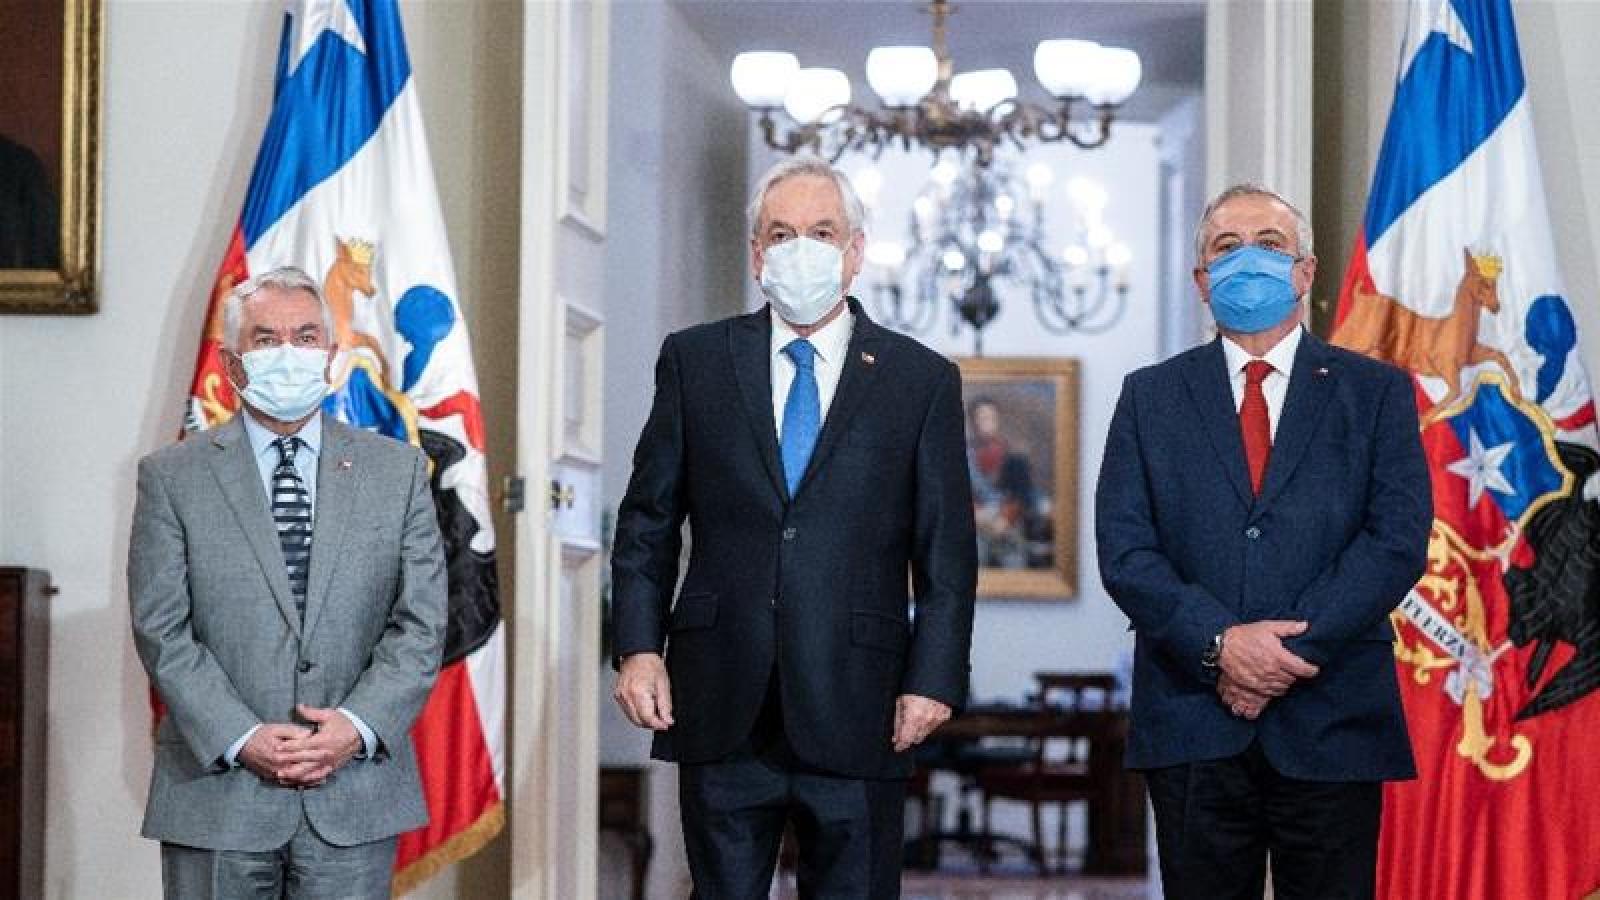 Số ca Covid-19 tăng nhanh, Chile thay Bộ trưởng Y tế